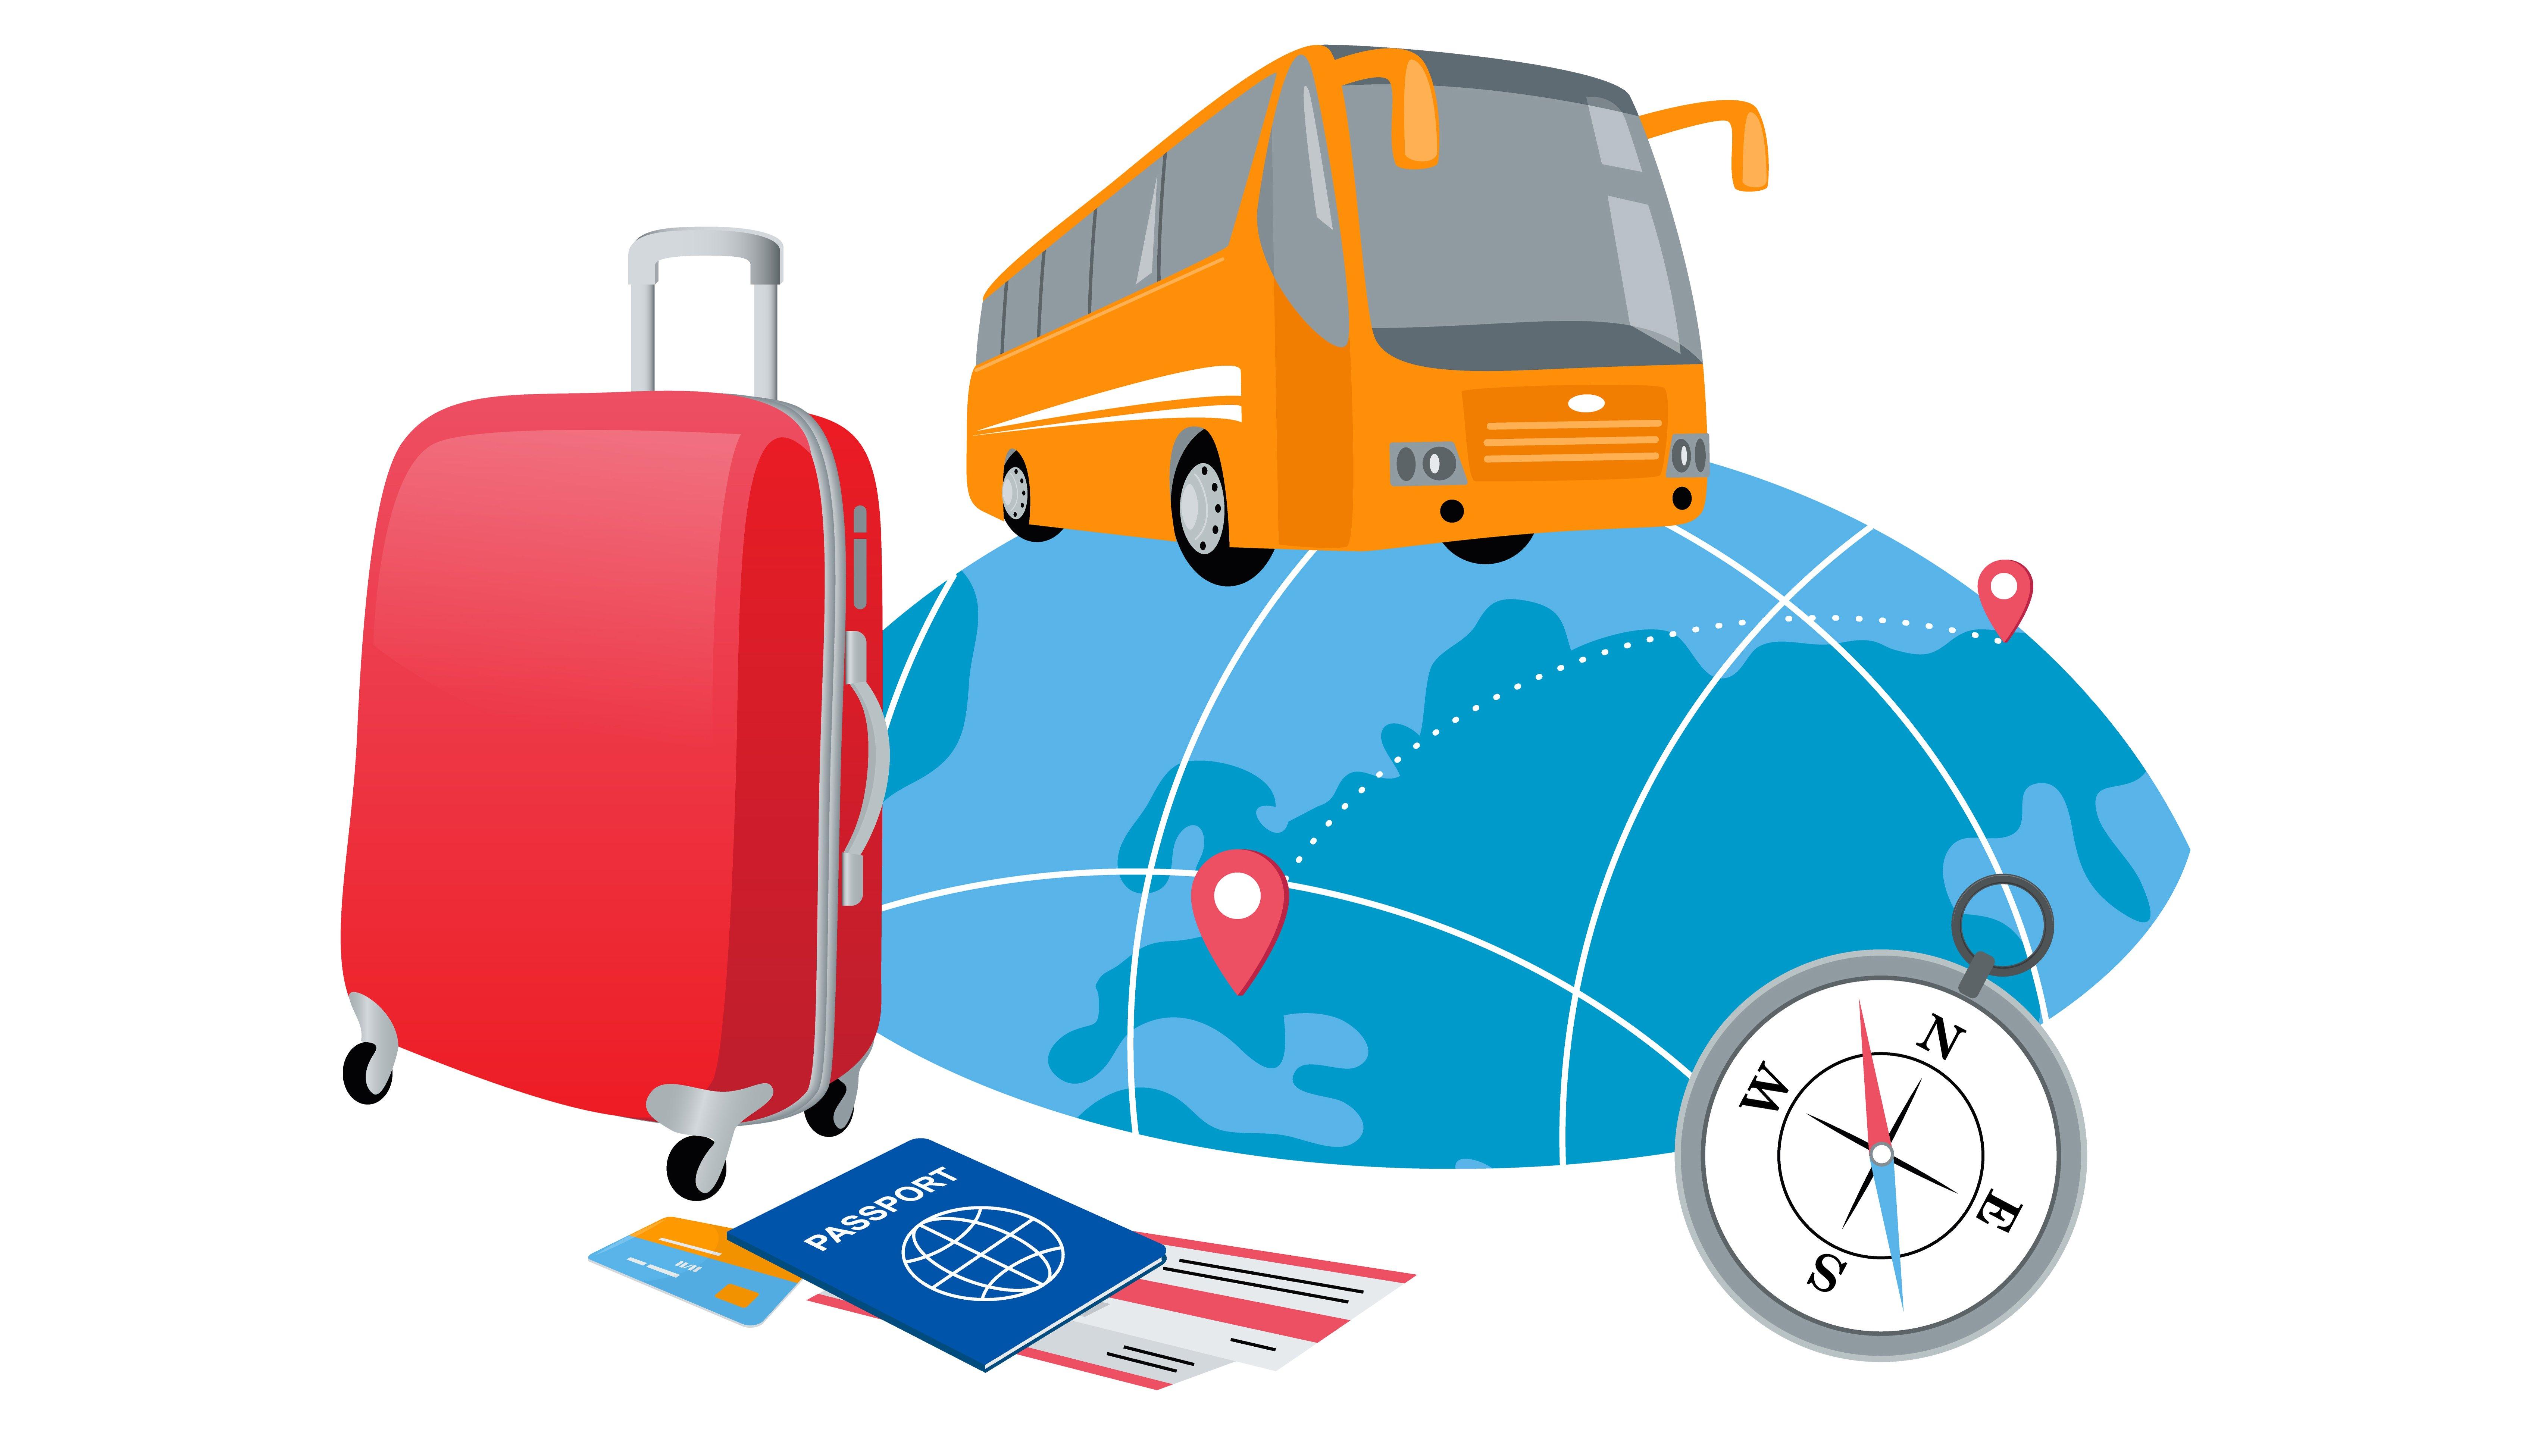 Imagen conceptual en 3D de un autobús, una maleta y un pasaporte para viajar al rededor del mundo.